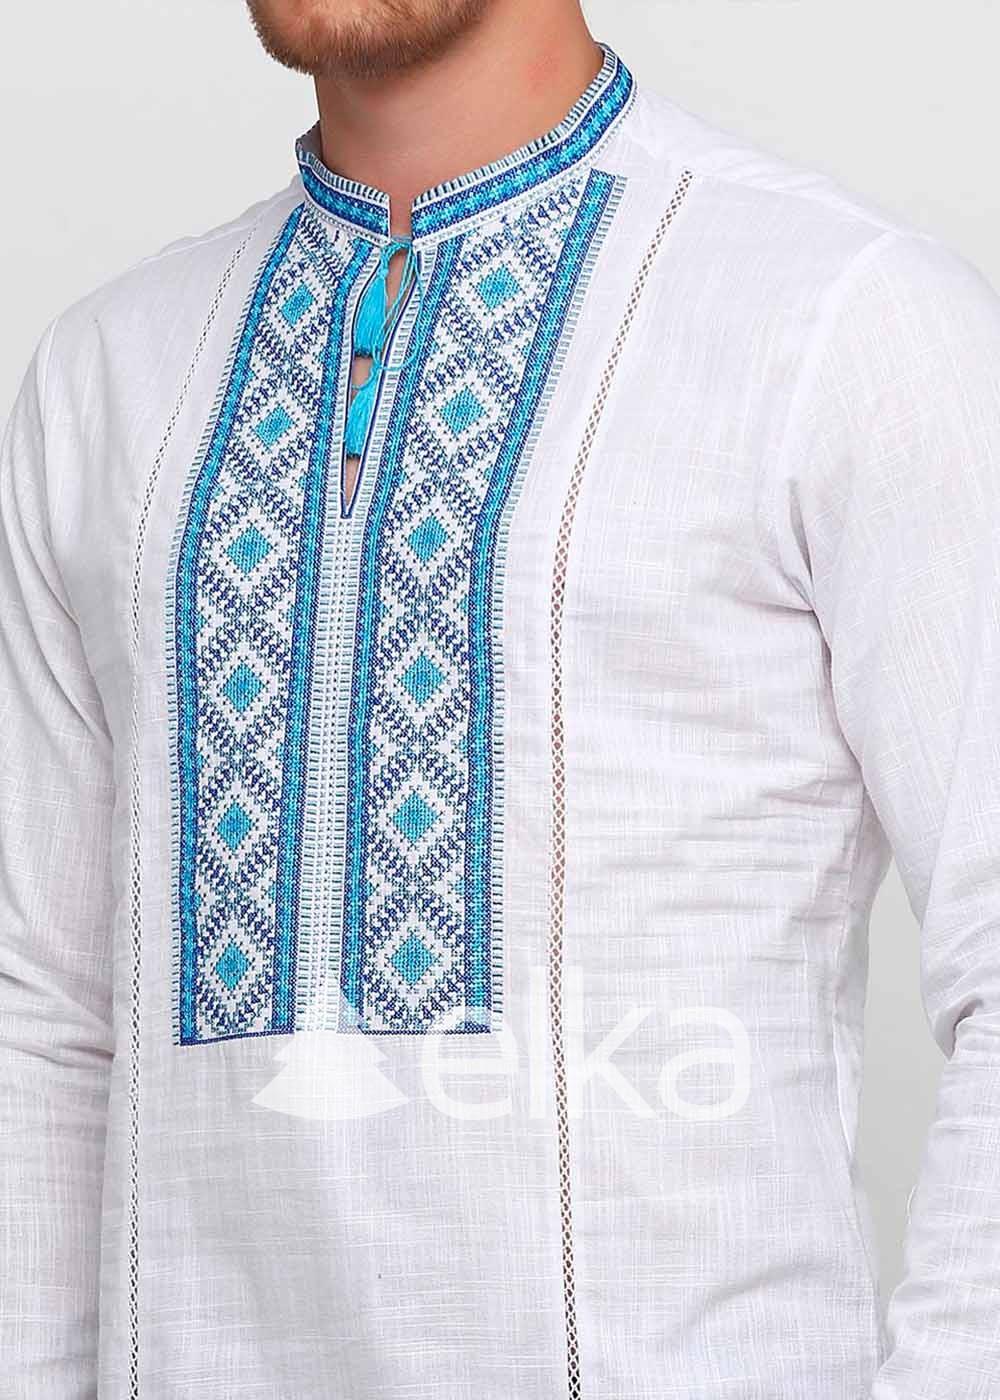 Мужская вышиванка Запорожская